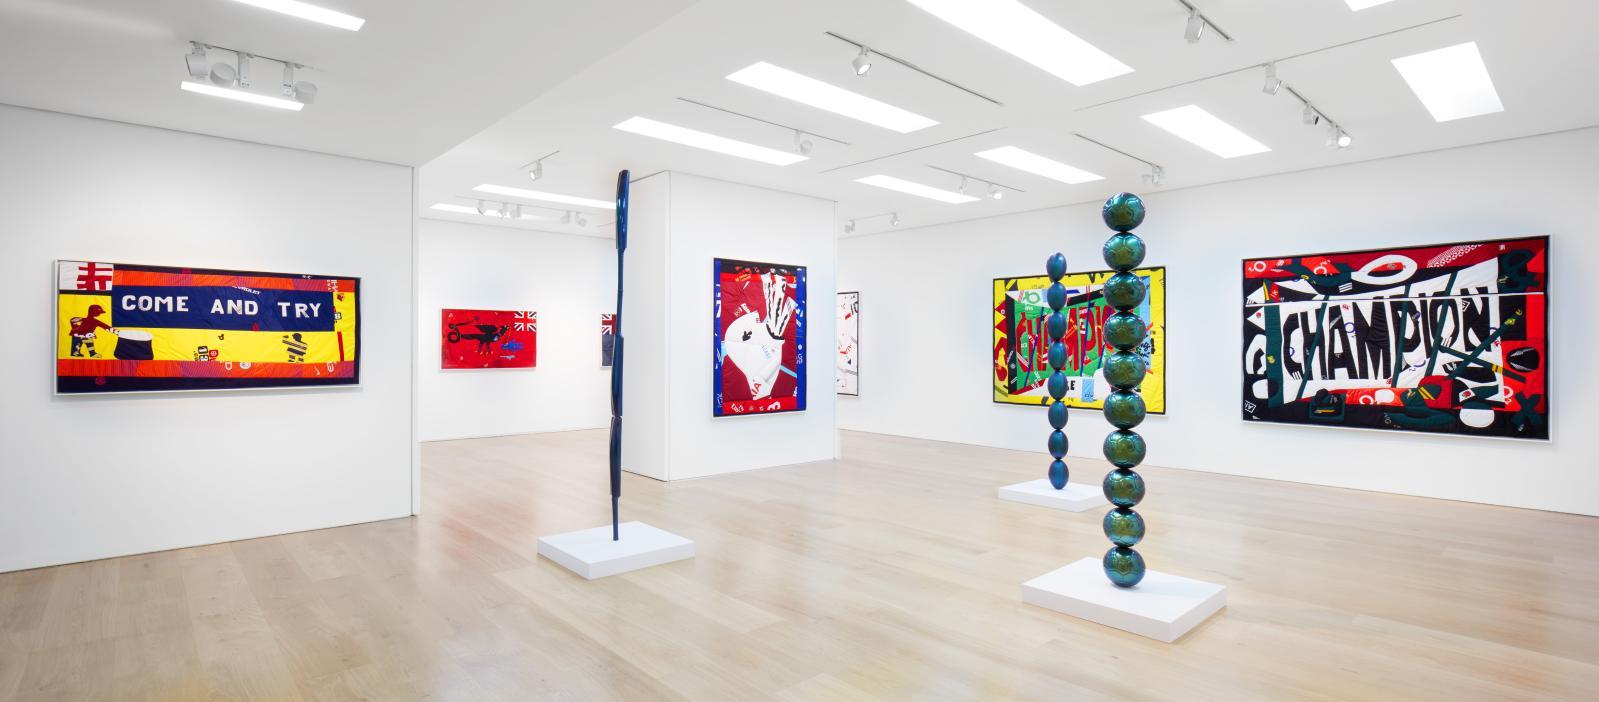 Exposition «Hank Willis Thomas :The Beautiful Game», en 2017 à la galerie Ben Brown Fine Arts de Londres. Courtesy Ben Brown Fine Arts